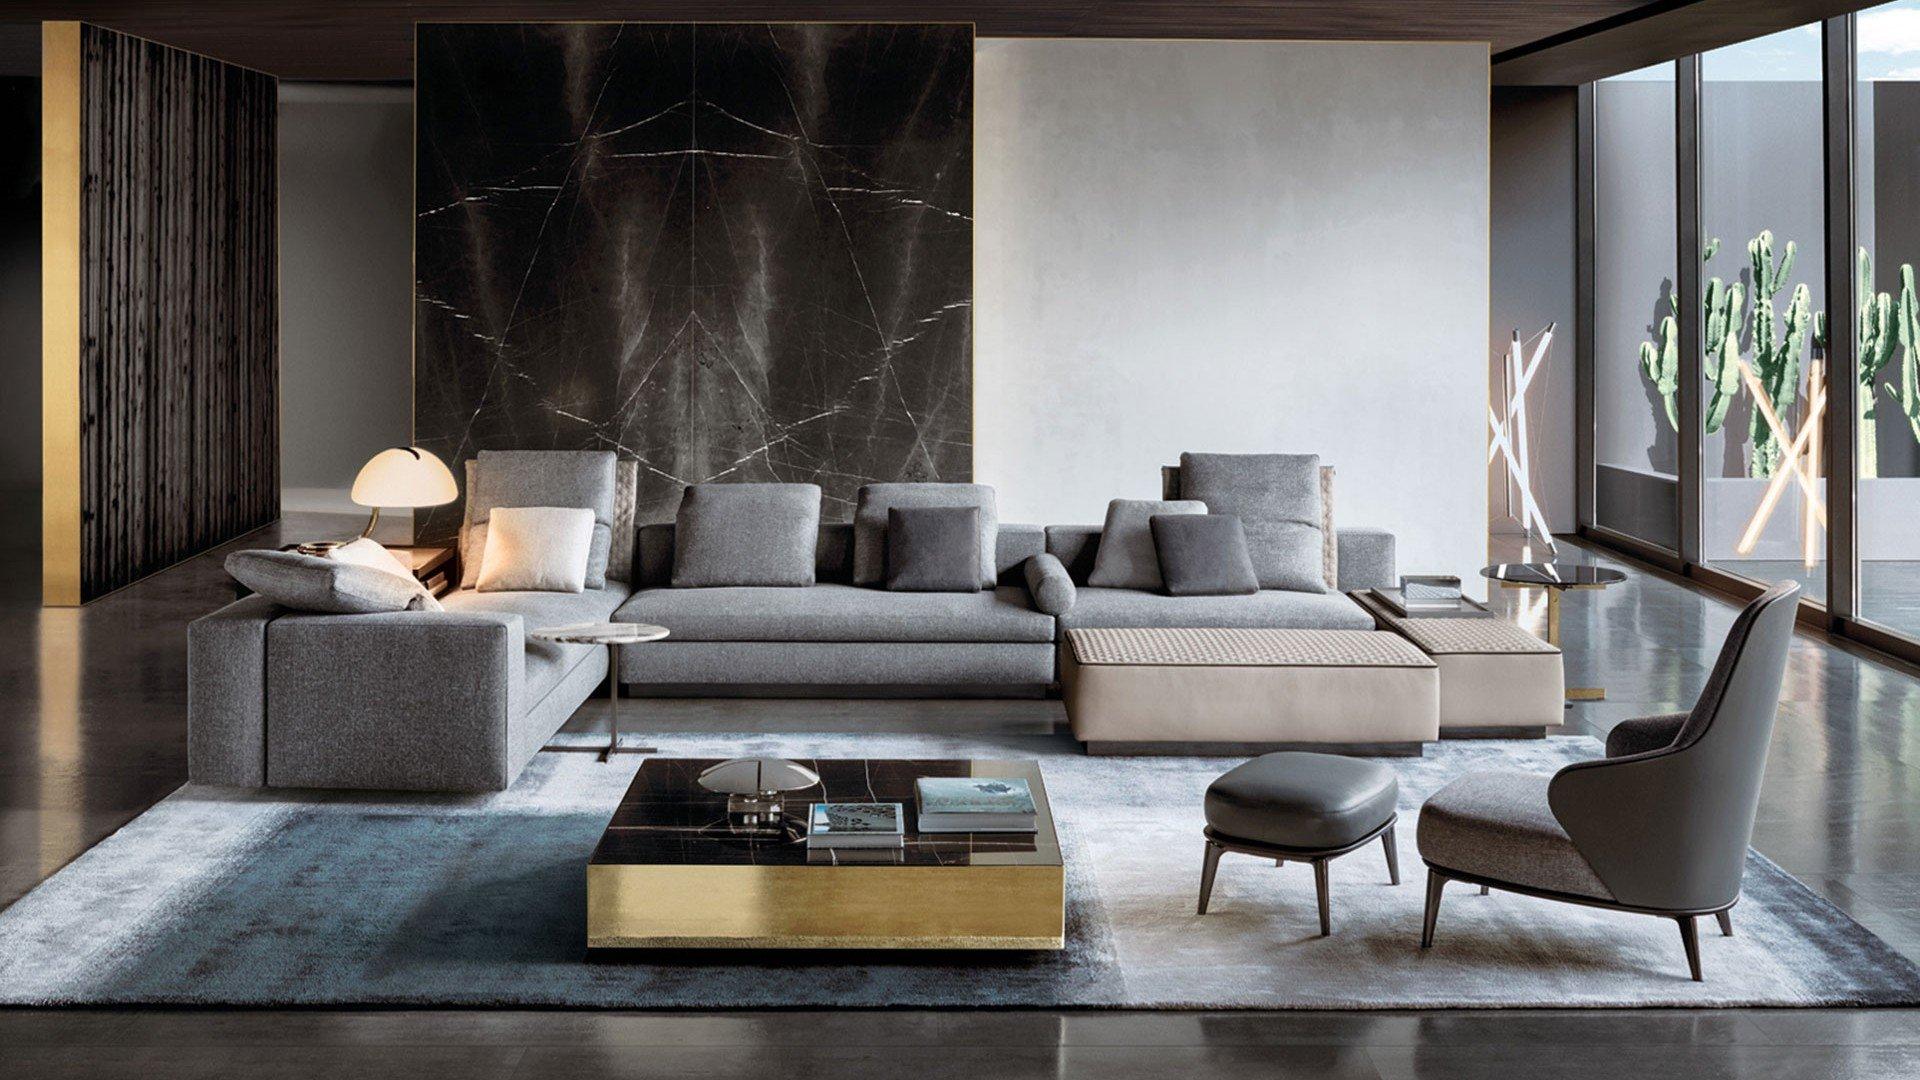 Negozi Mobili Design Torino: Progettazione e interior design di una villa fuo...